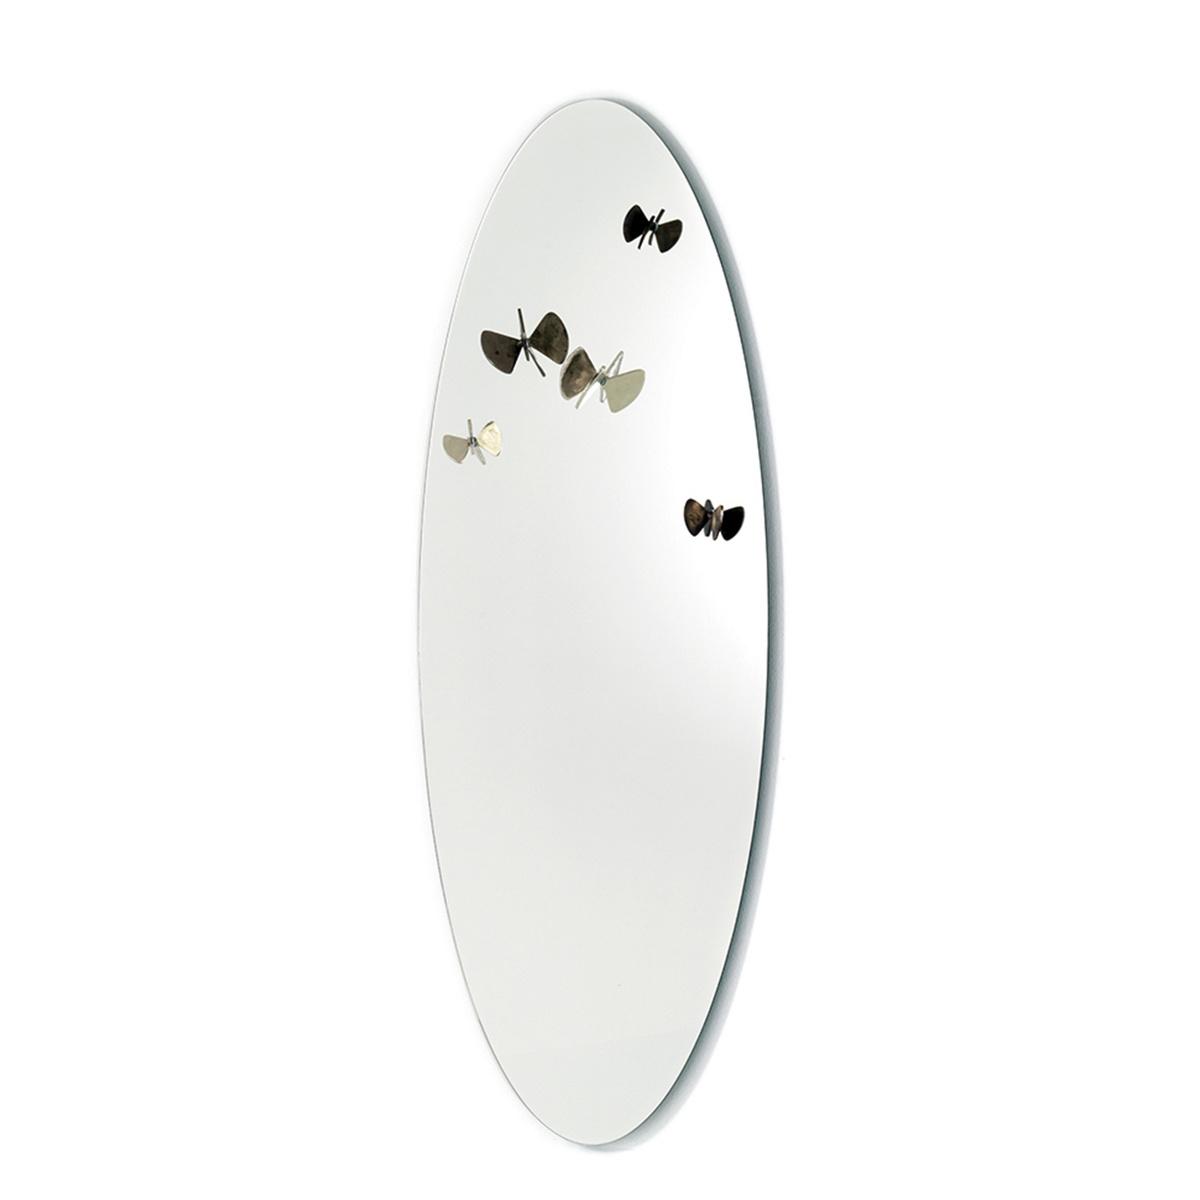 Specchio Bagno A Farfalla.Specchio Farfalle Bice